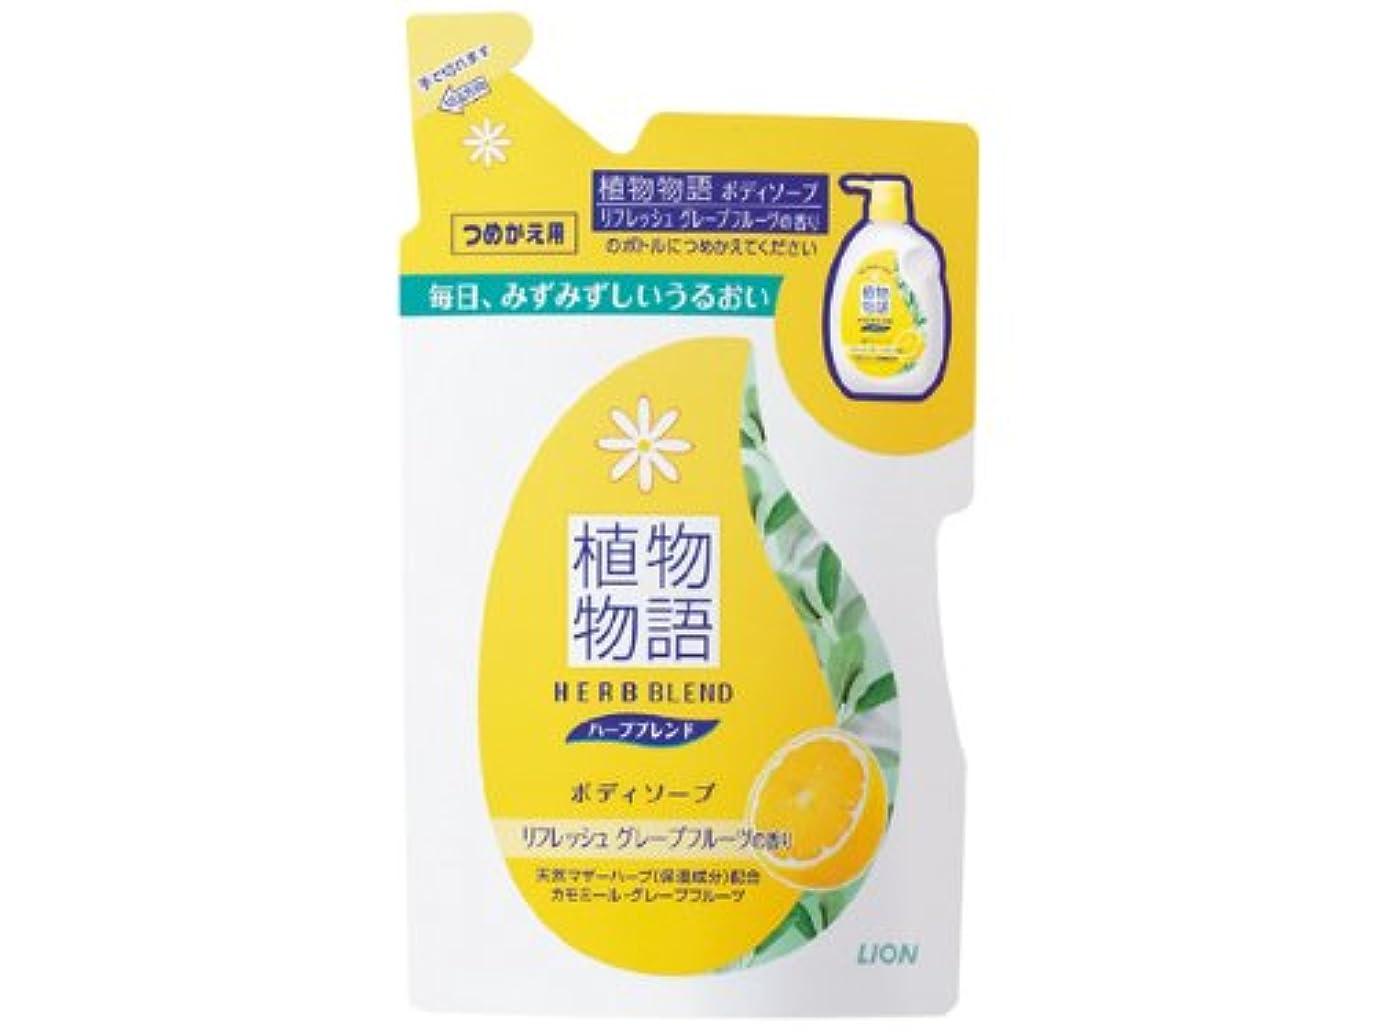 インタフェース注入する住む植物物語 ハーブブレンド ボディソープ リフレッシュグレープフルーツの香り つめかえ用 420ml